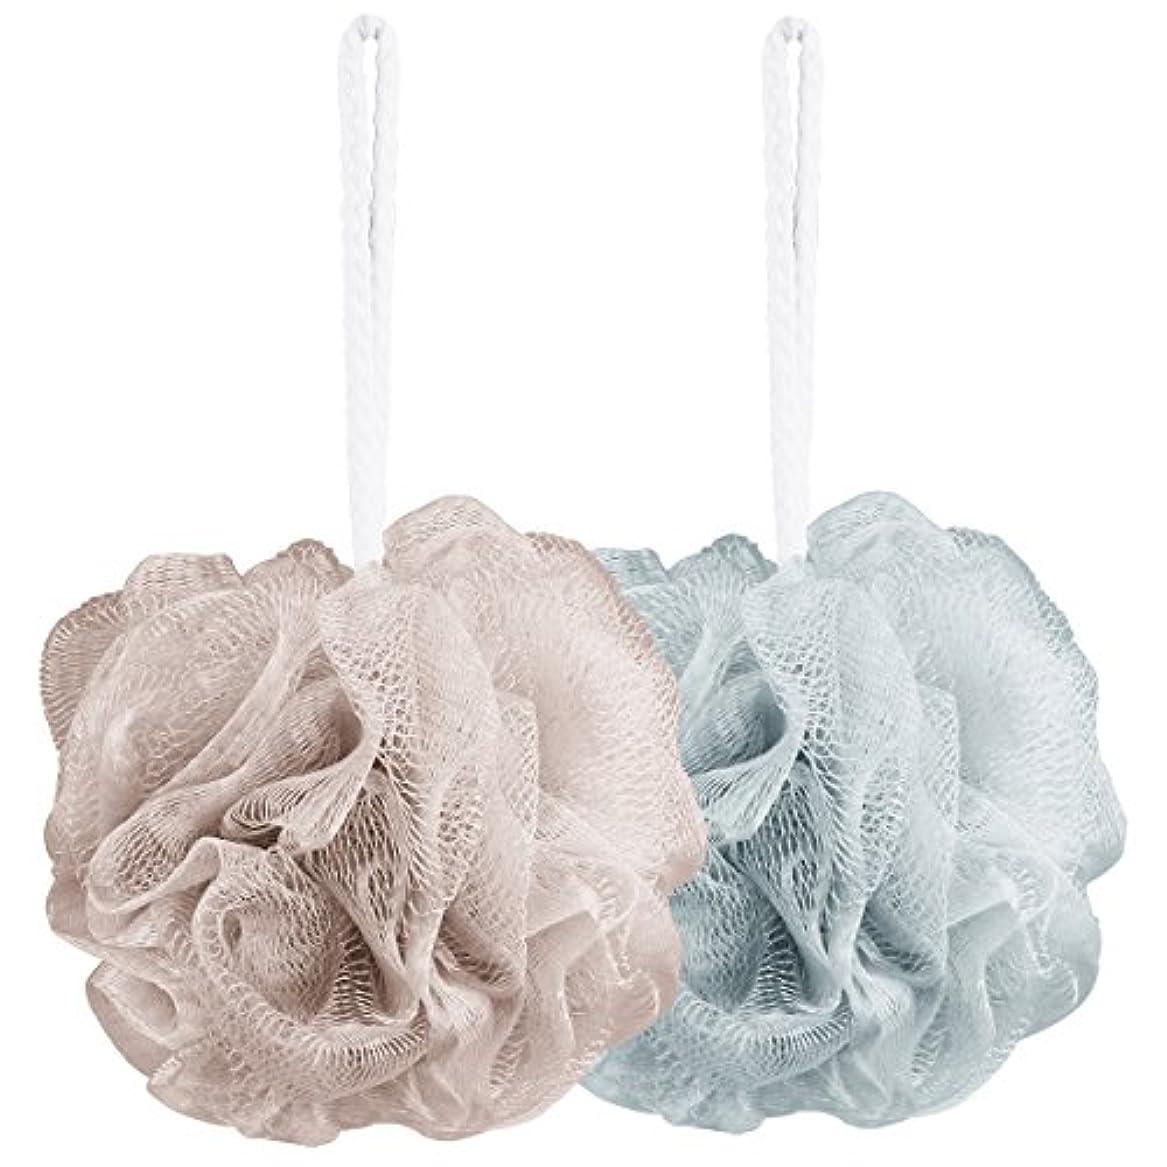 イルフランクワースリー送ったAahlsen 泡立てネット 超柔軟 シャワー用 ボディ用お風呂ボール 花形 タオル 2点セット